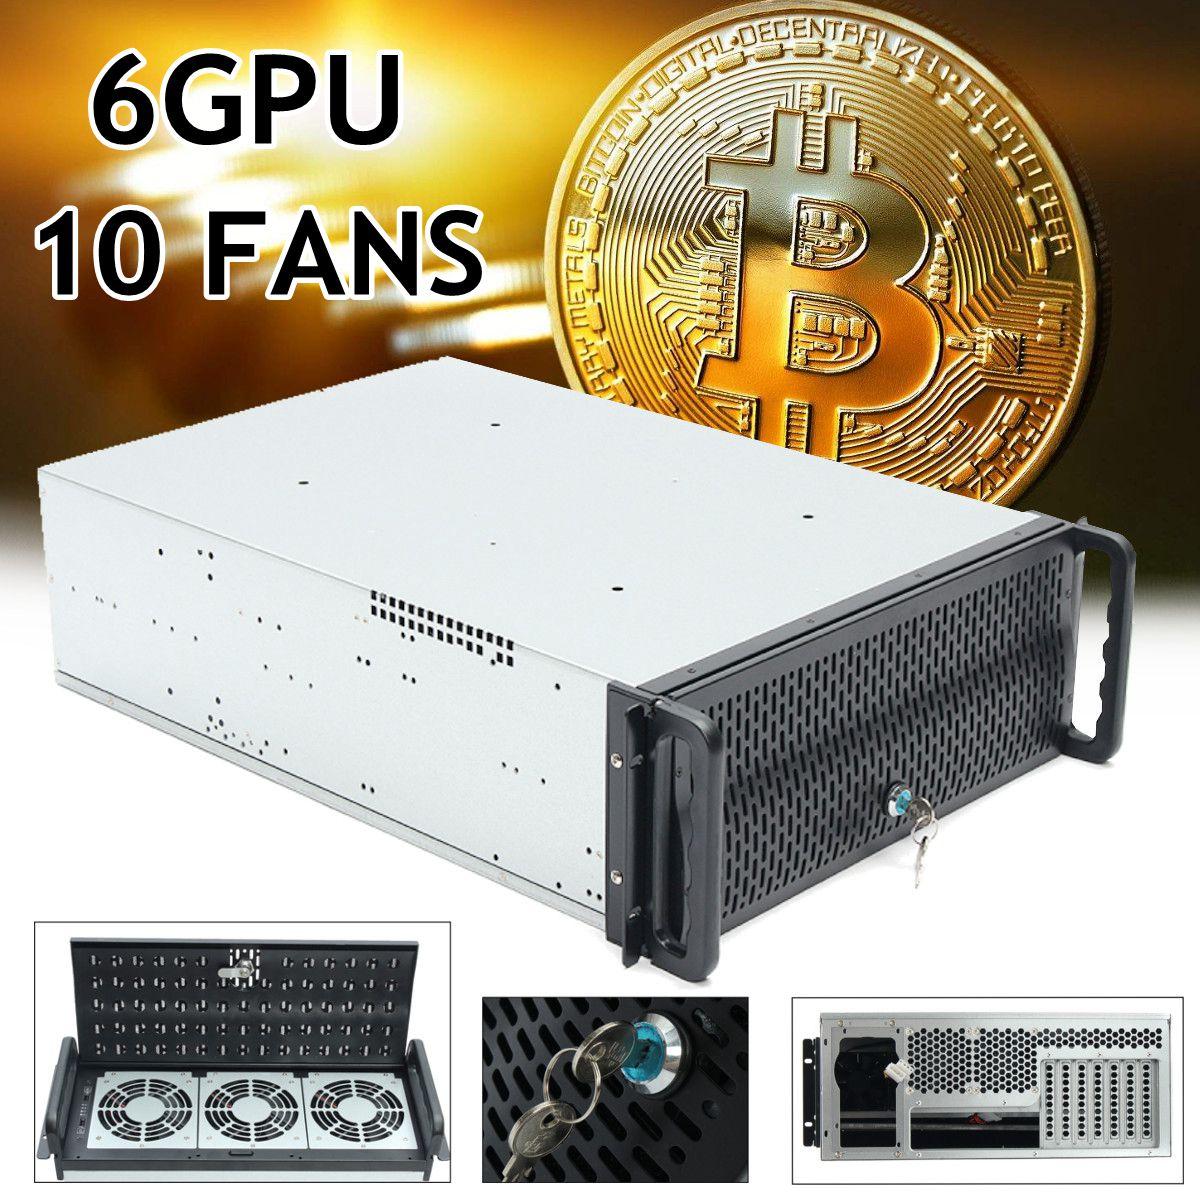 6 GPU 4U boîtier de serveur minier avec cadre de 10 ventilateurs Rsiers